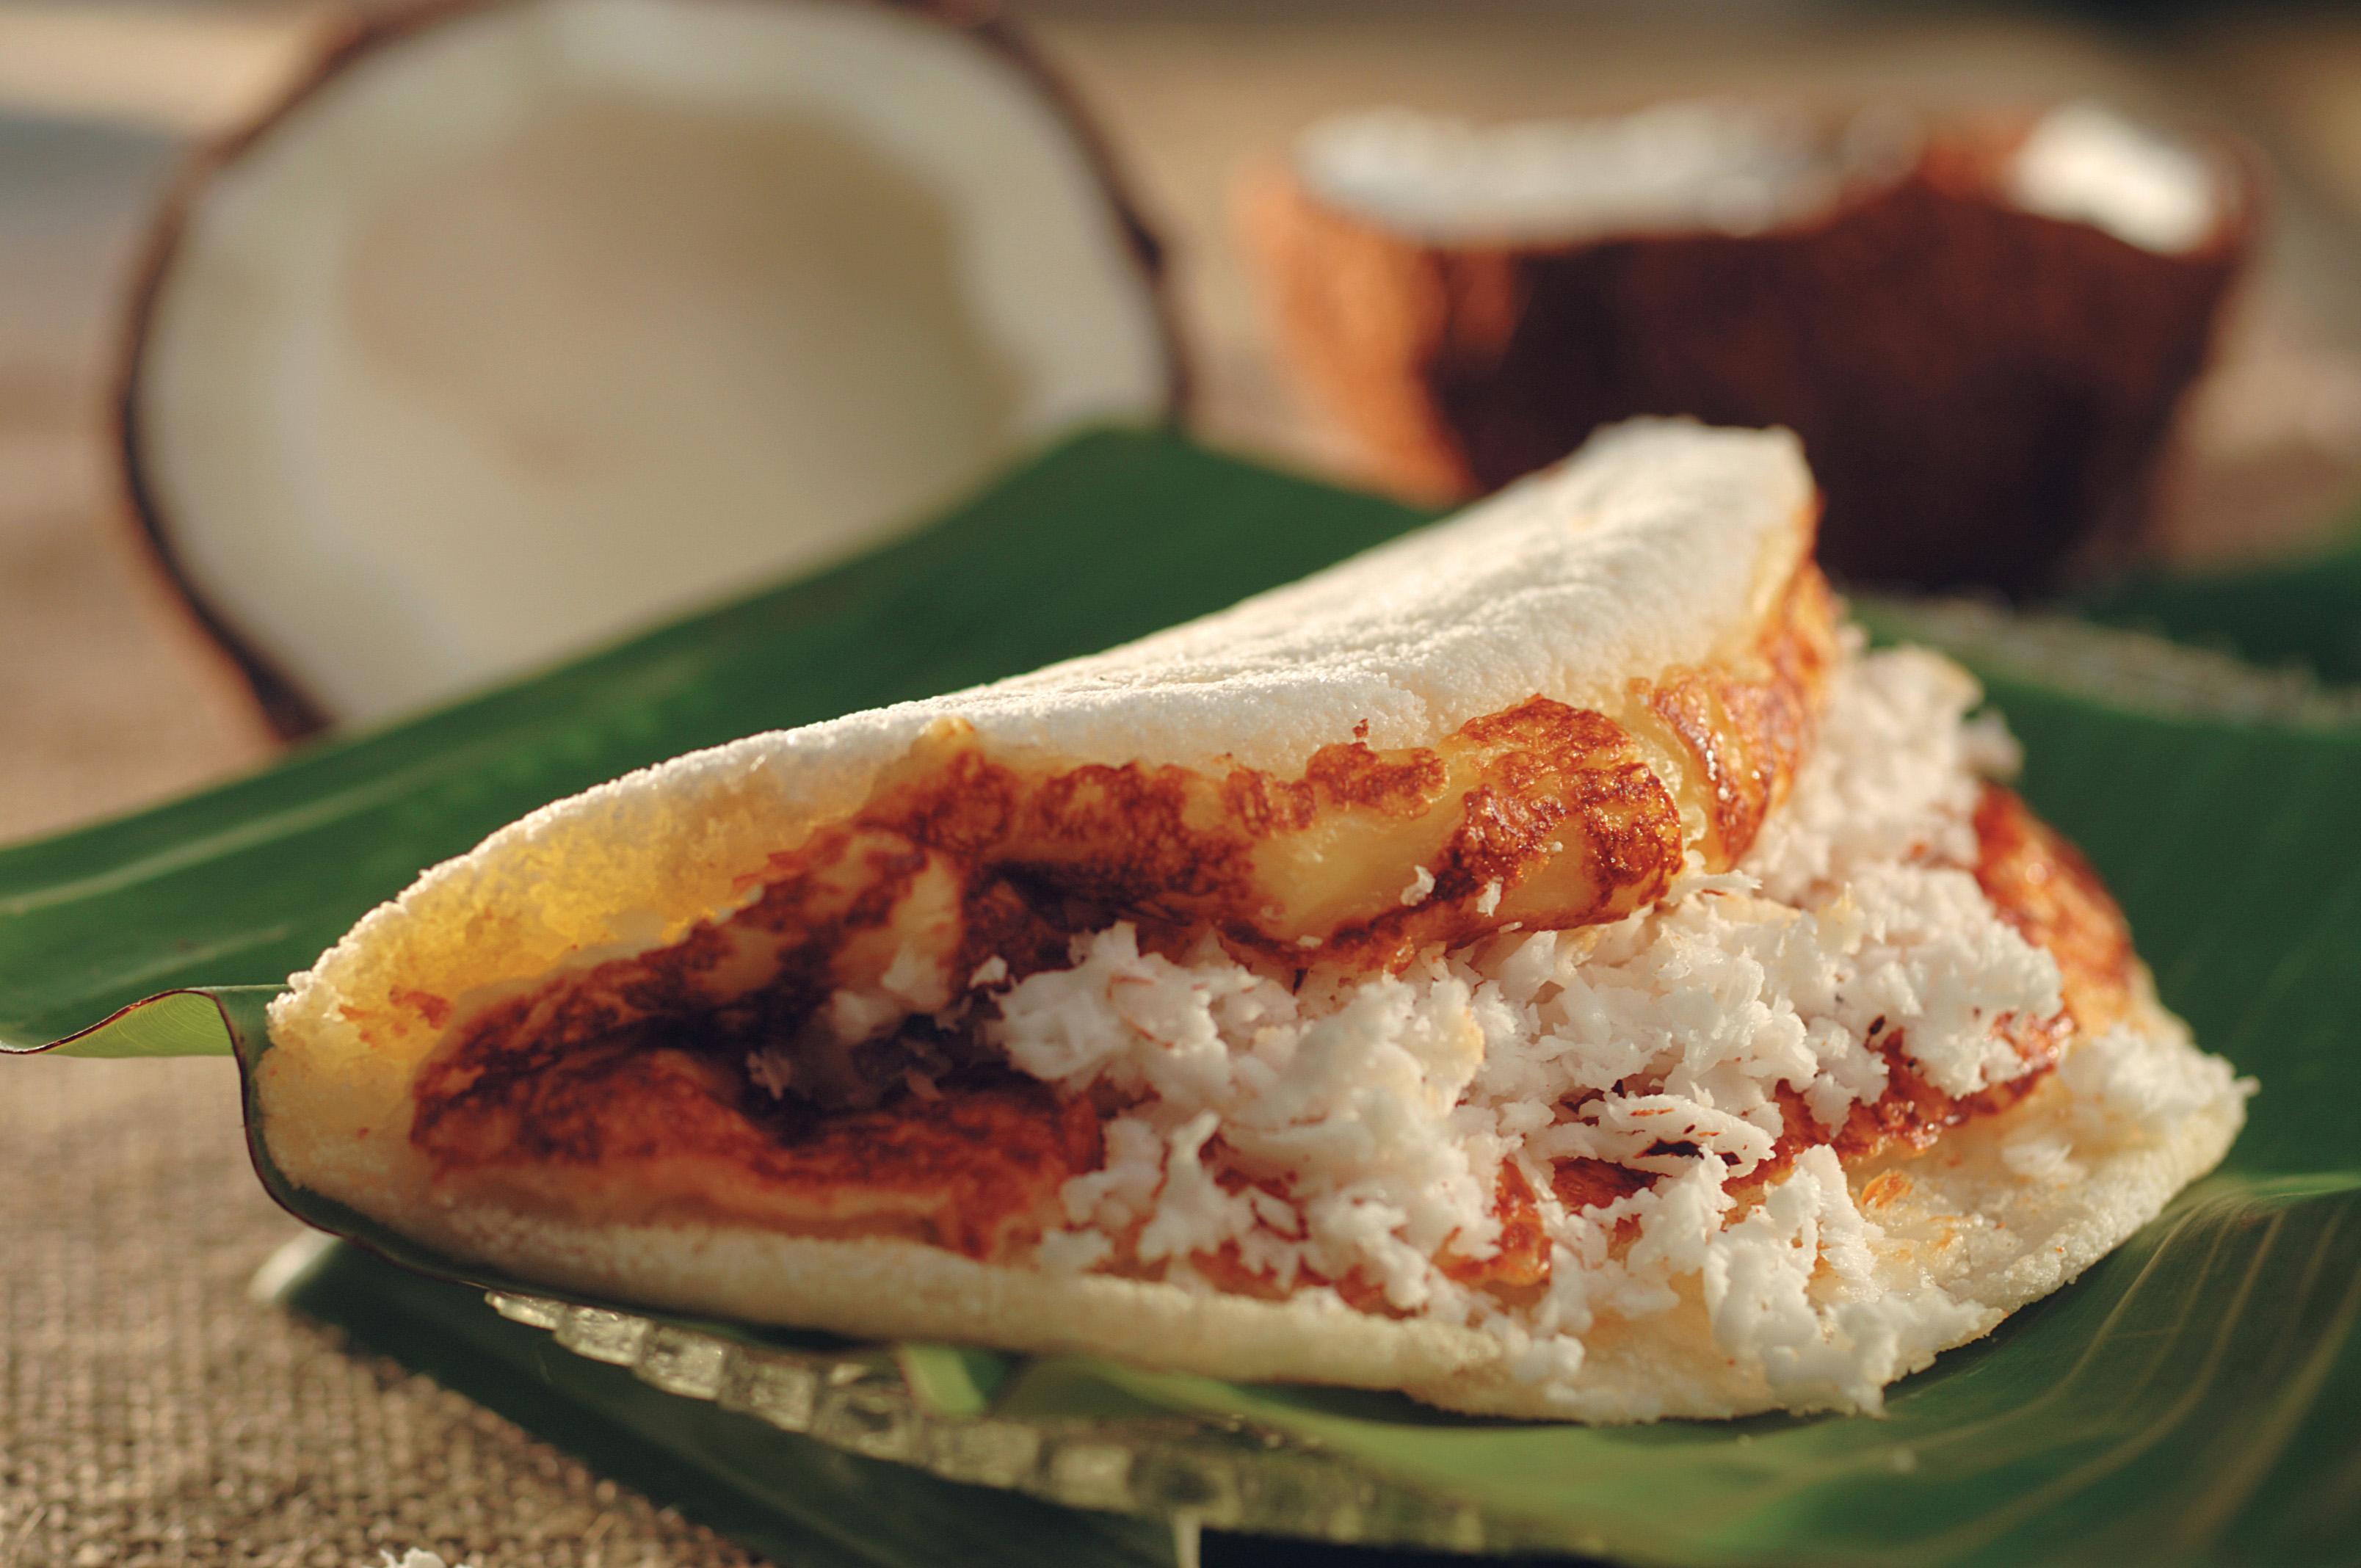 Tapioca de queijo com coco, da barraca de Lúcia Rosa do Nascimento, a tia Lu, tapioqueira do Alto da Sé.